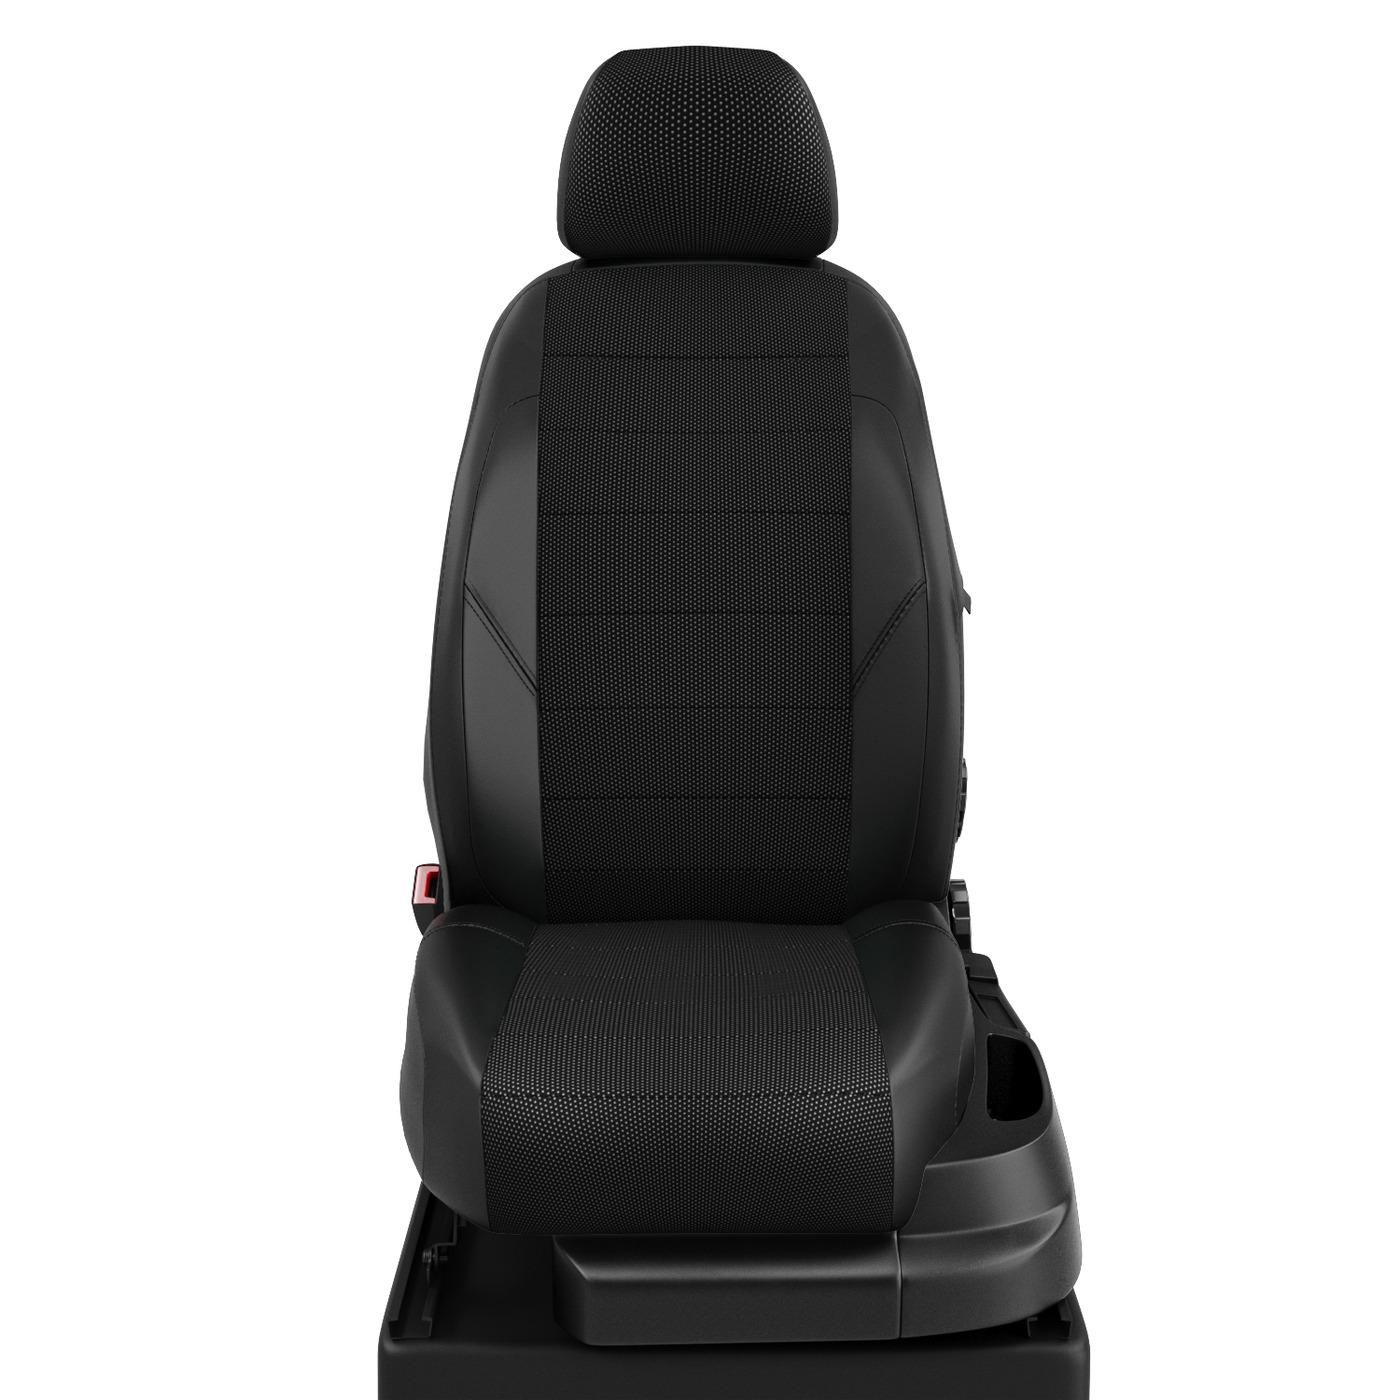 Авточехлы для Citroen C3 Mk 3 AirCross с 2016-н.в. хэтчбек 5дв Задняя спинка 40 на 20 на 40, сиденье 40 на 60, подлокотник в водительской спинке, 5 подголовников